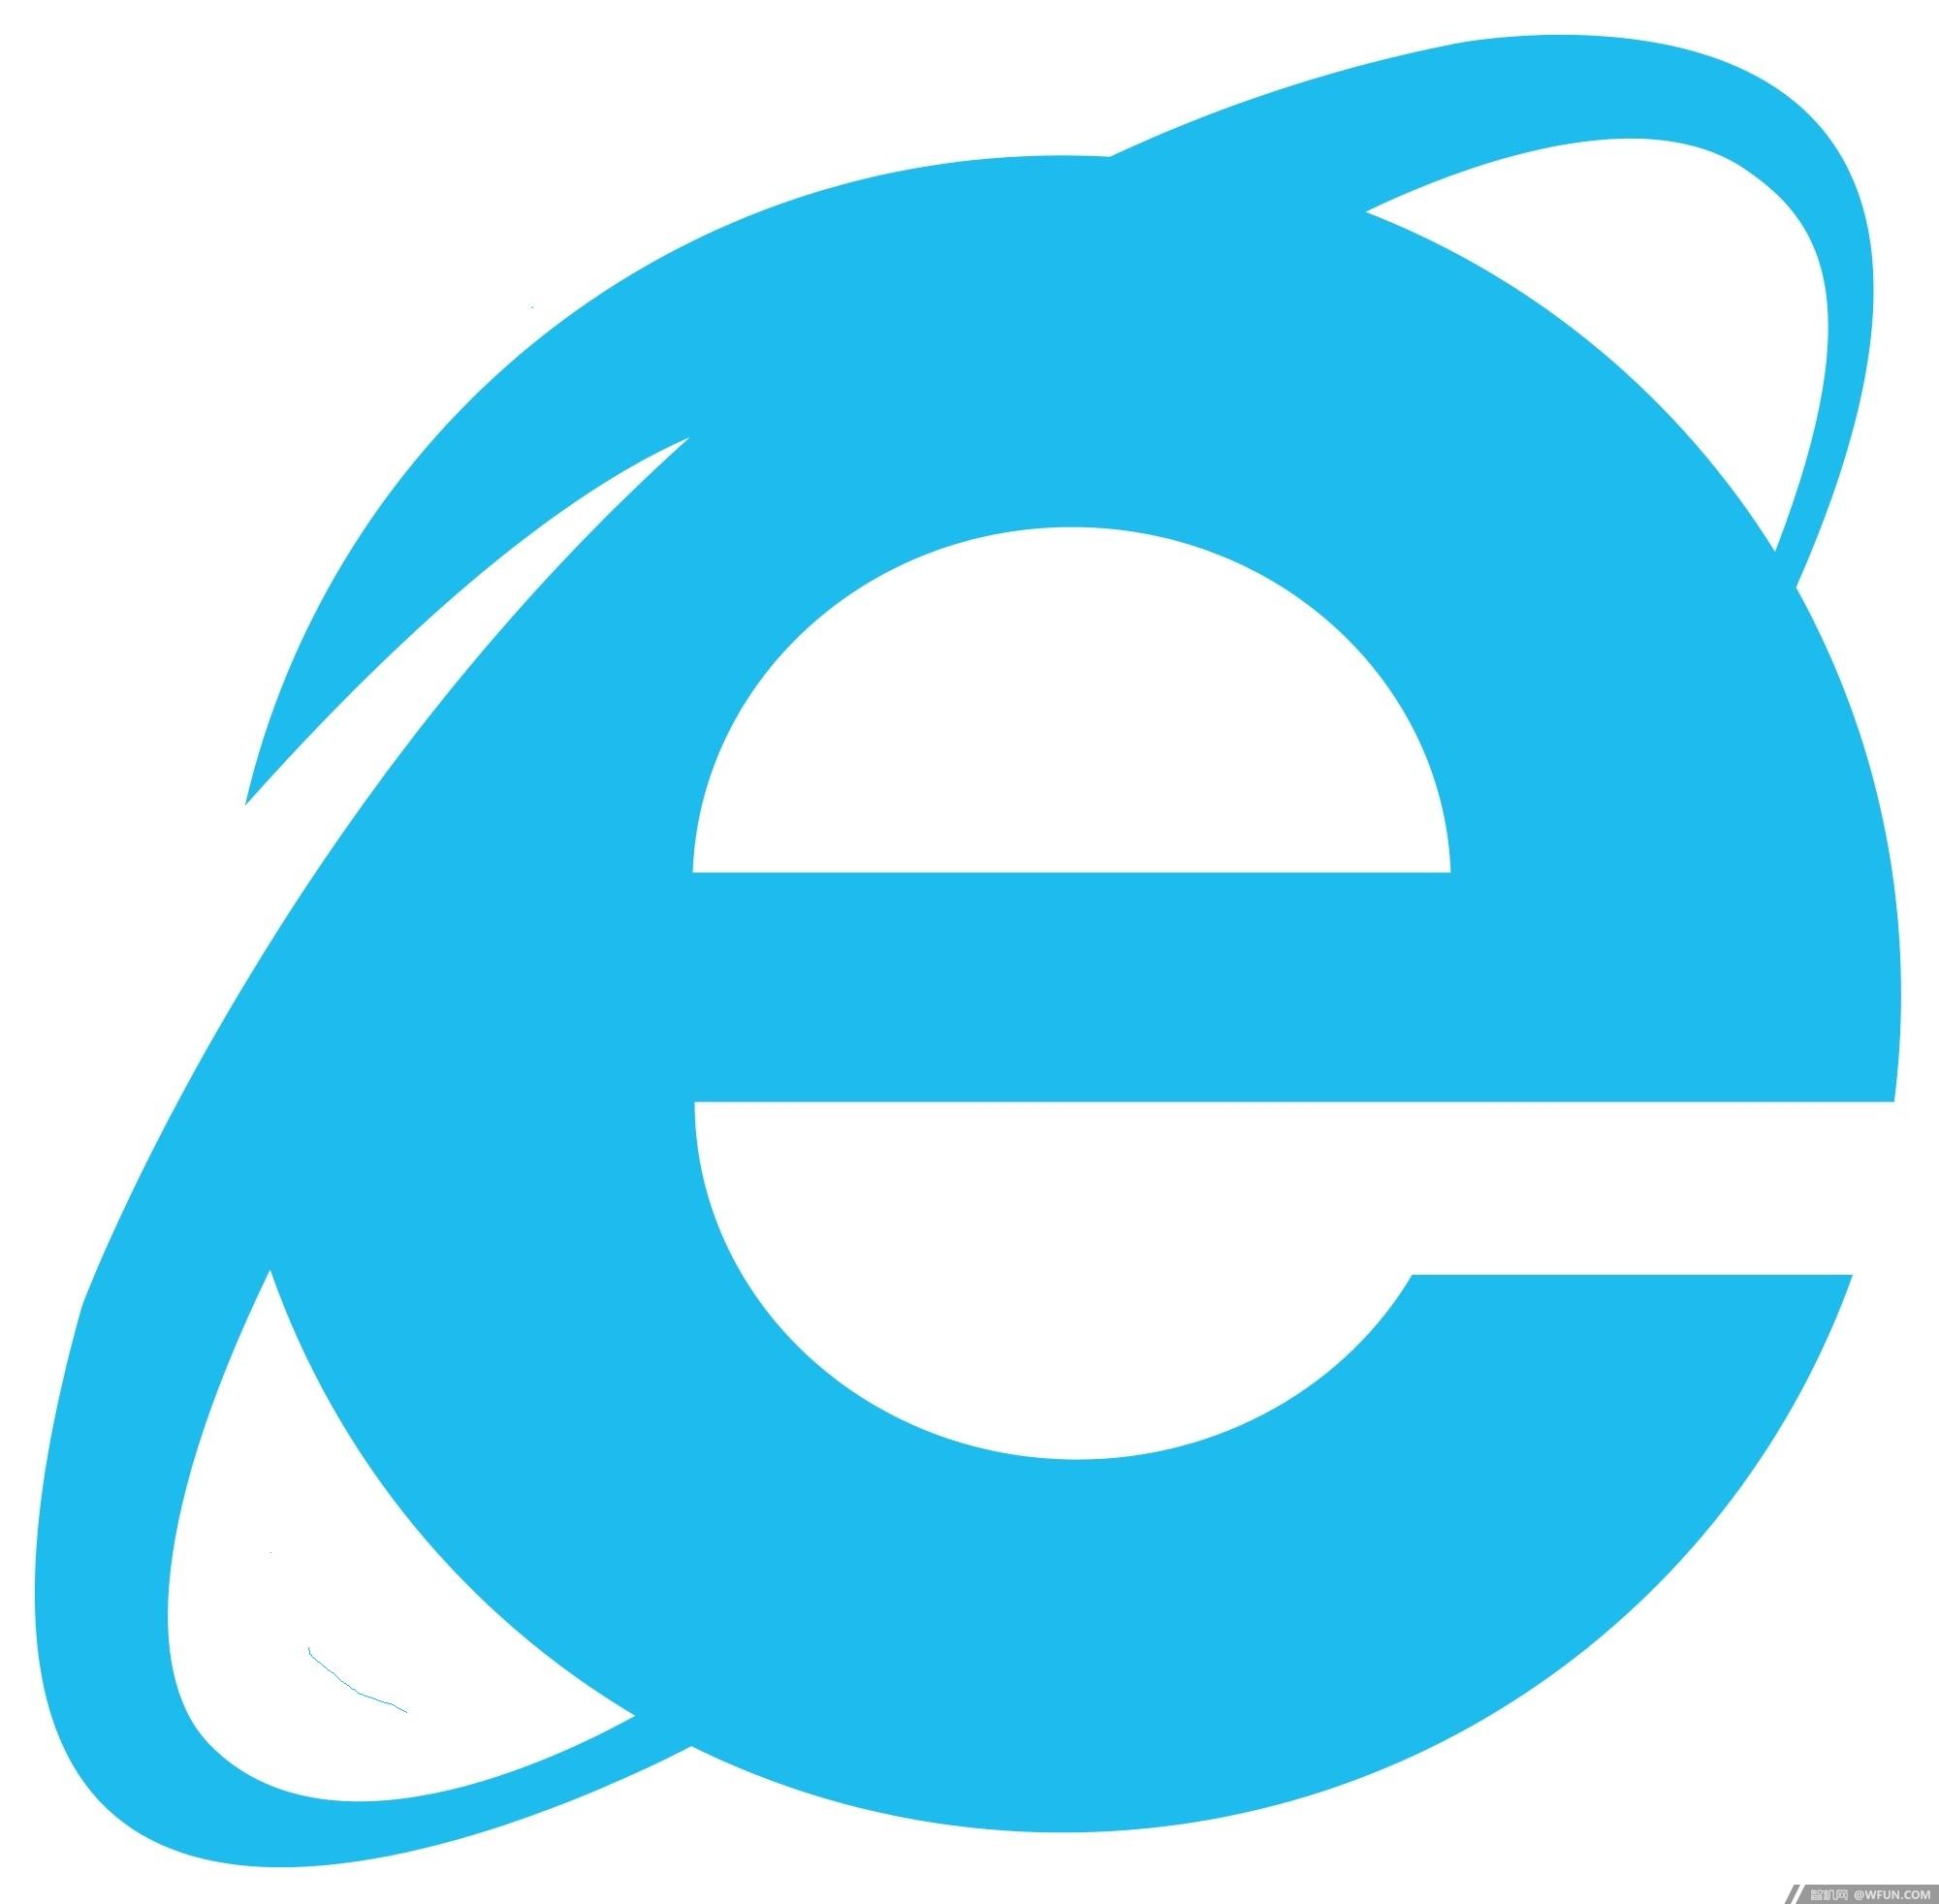 浏览器下载安装大全_浏览器排行榜2020_电脑手机浏览器哪个好用